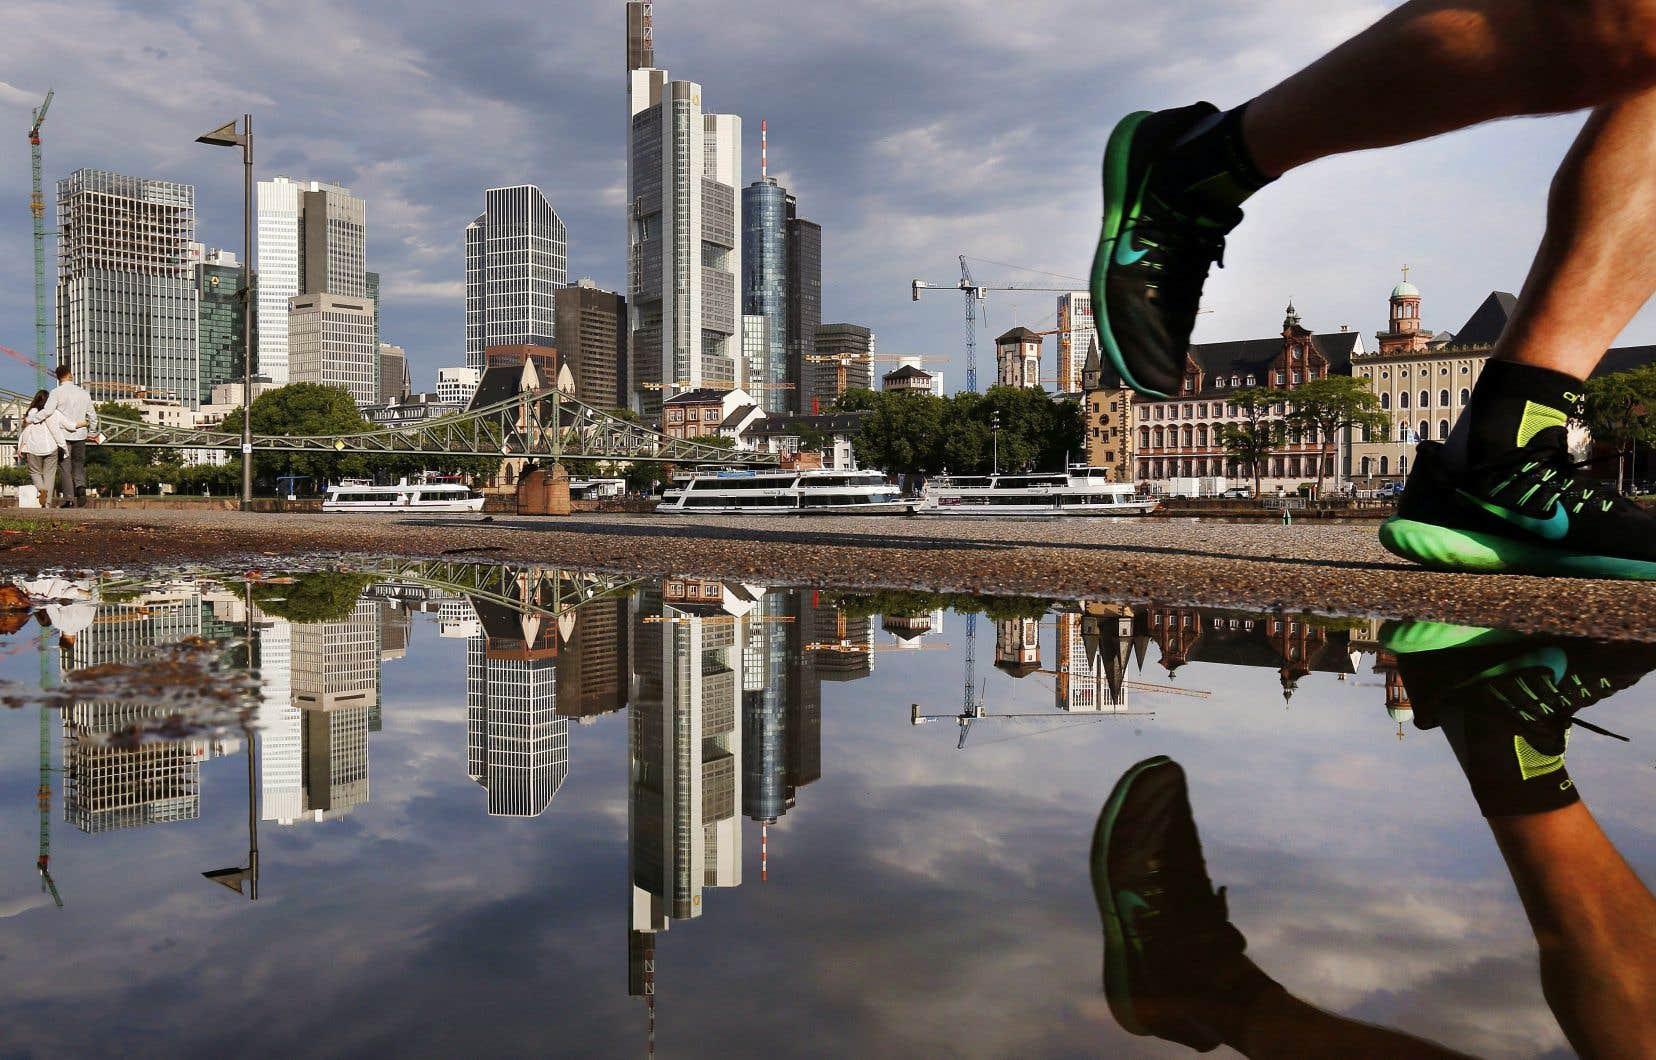 Selon les calculs de l'économiste Gabriel Zucman, l'Union européenne perd chaque année 60 milliards d'euros en recettes fiscales en raison du transfert des bénéfices des entreprises vers les paradis fiscaux.